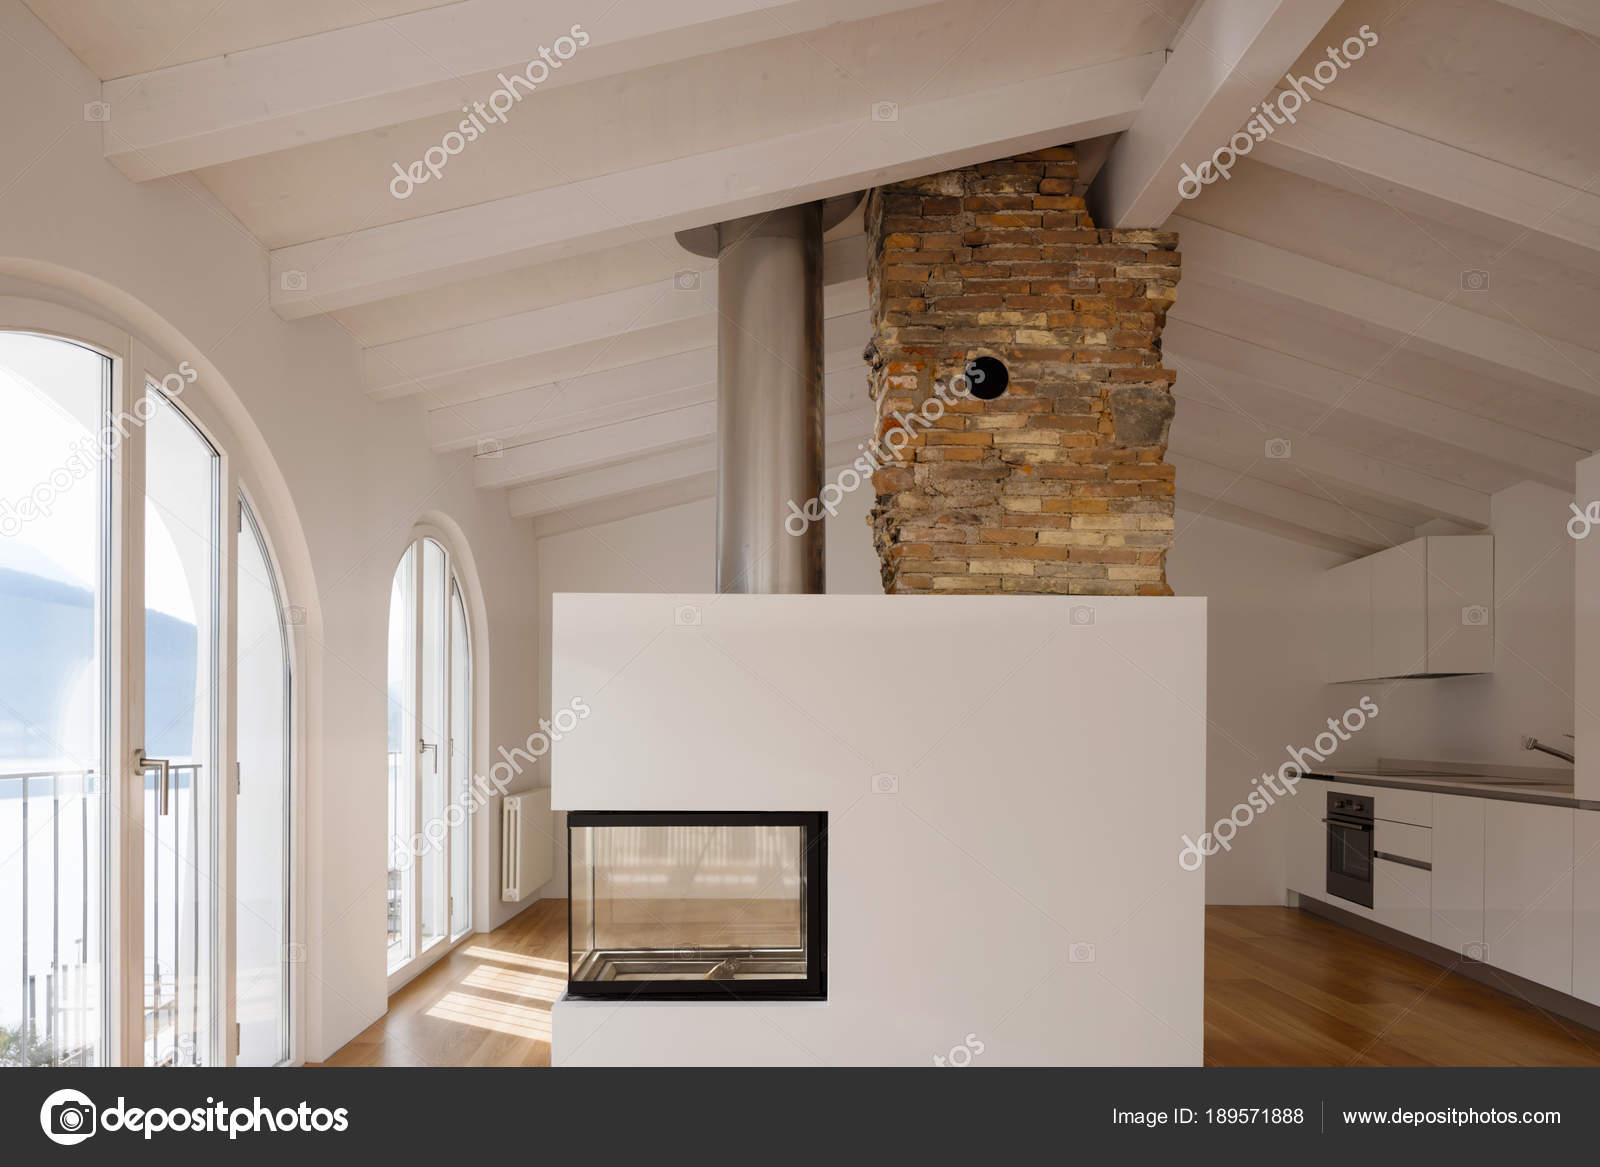 Modernes Wohnzimmer mit Kamin in der Mitte — Stockfoto © Zveiger ...